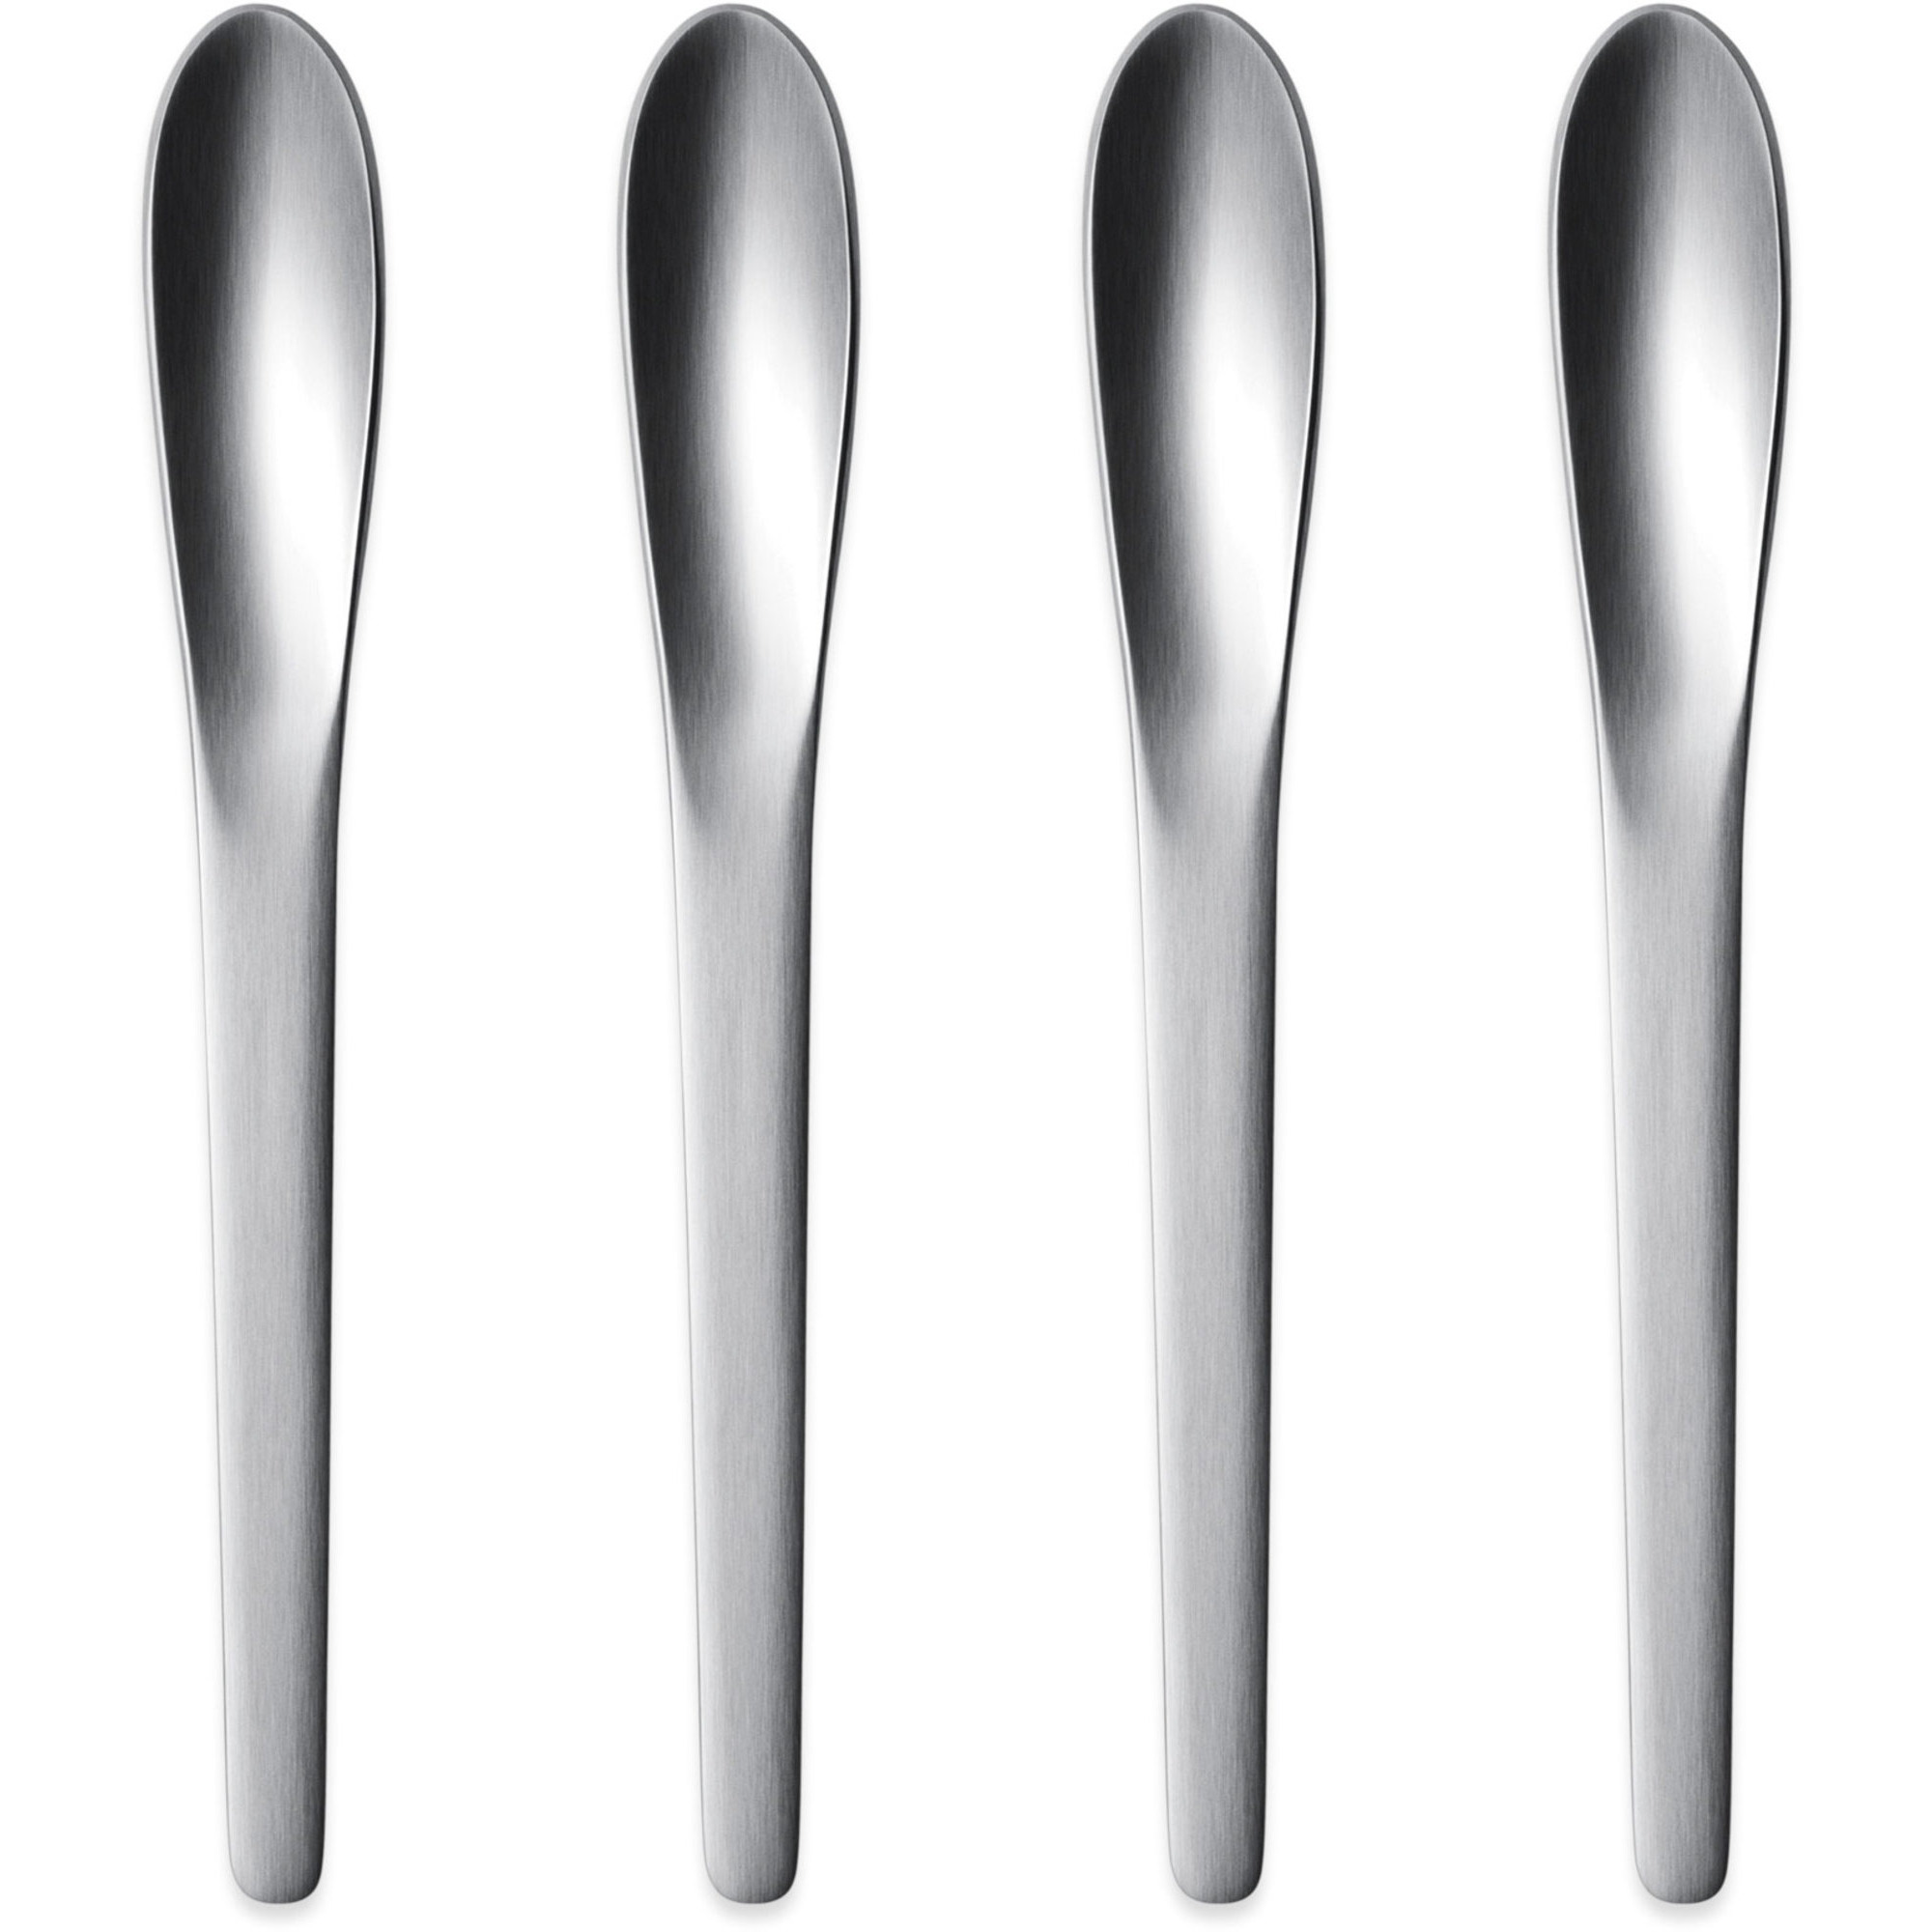 Georg Jensen Arne Jacobsen tesked